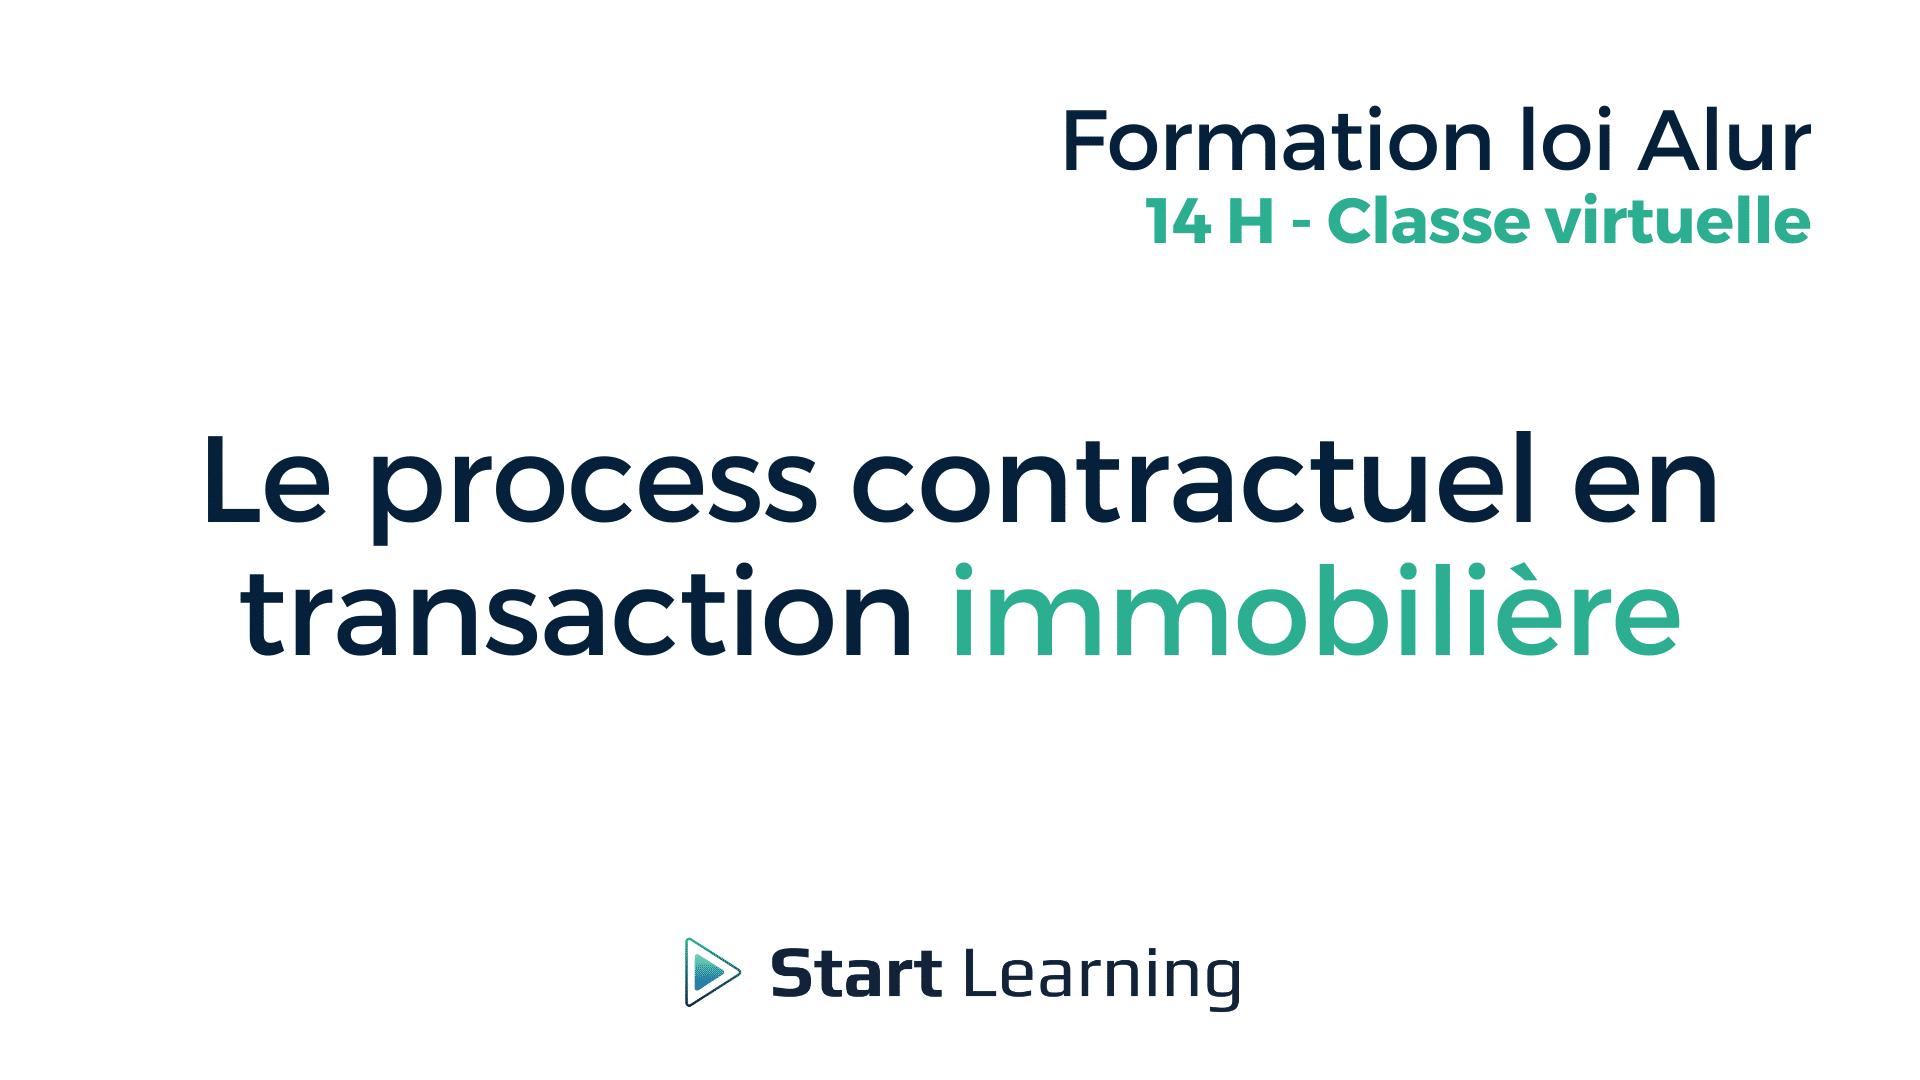 Le process contractuel en transaction immobilière - Classe virtuelle